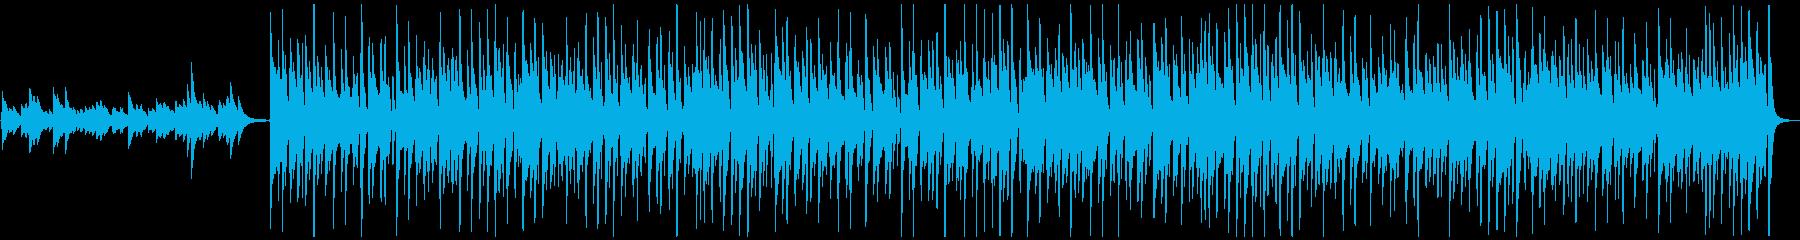 源さんっぽいHappyなポップス 遅版4の再生済みの波形